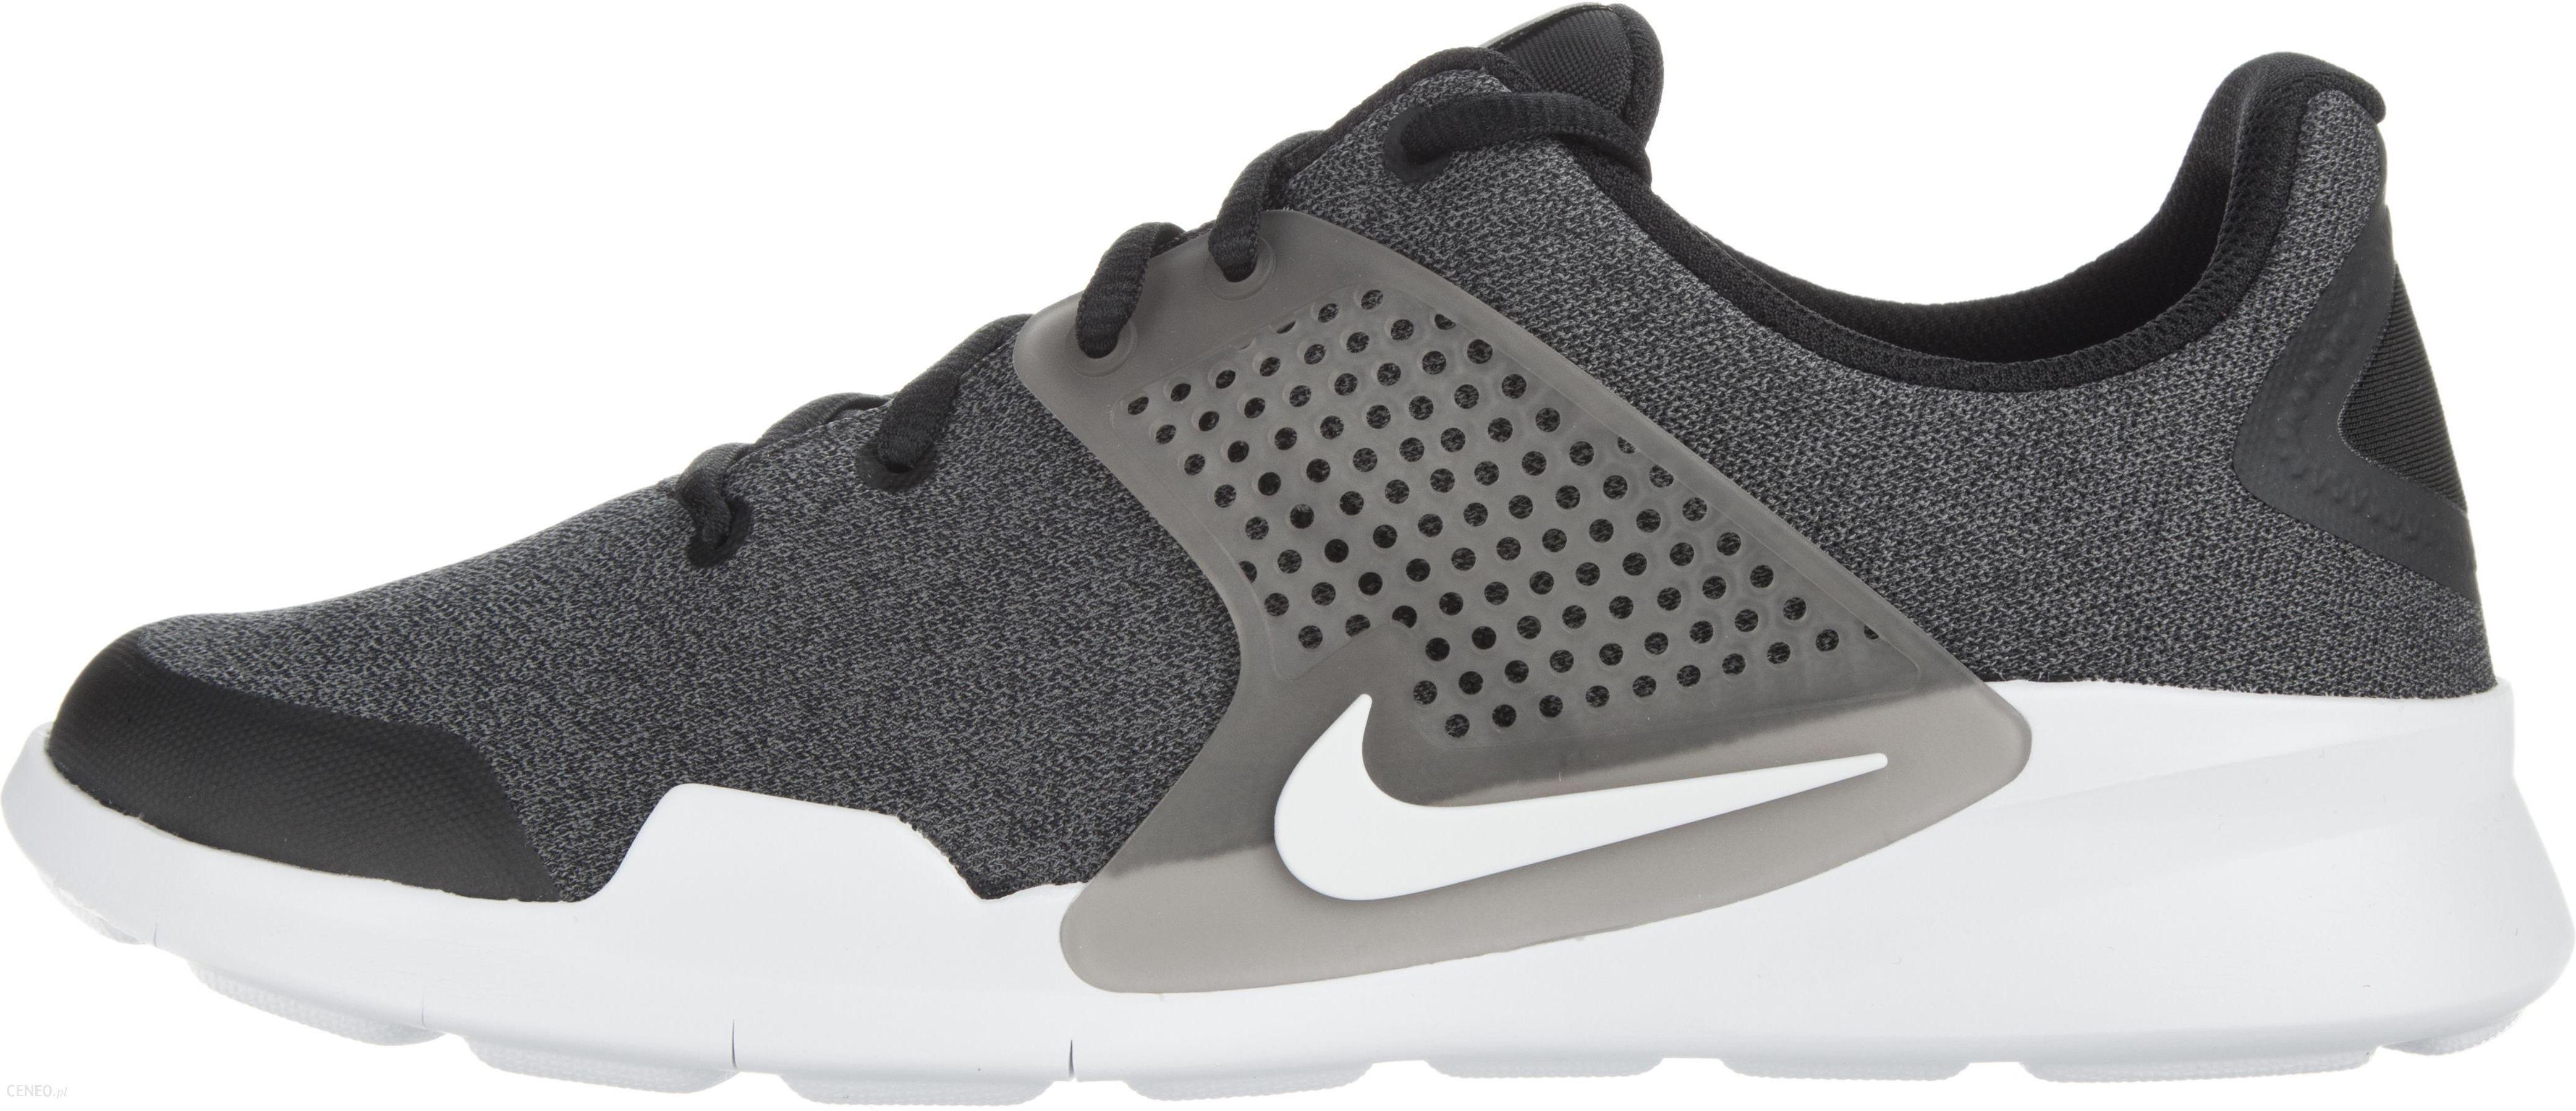 Nike Buty męskie Air Max Invigor Print czarne r. 43 (749688